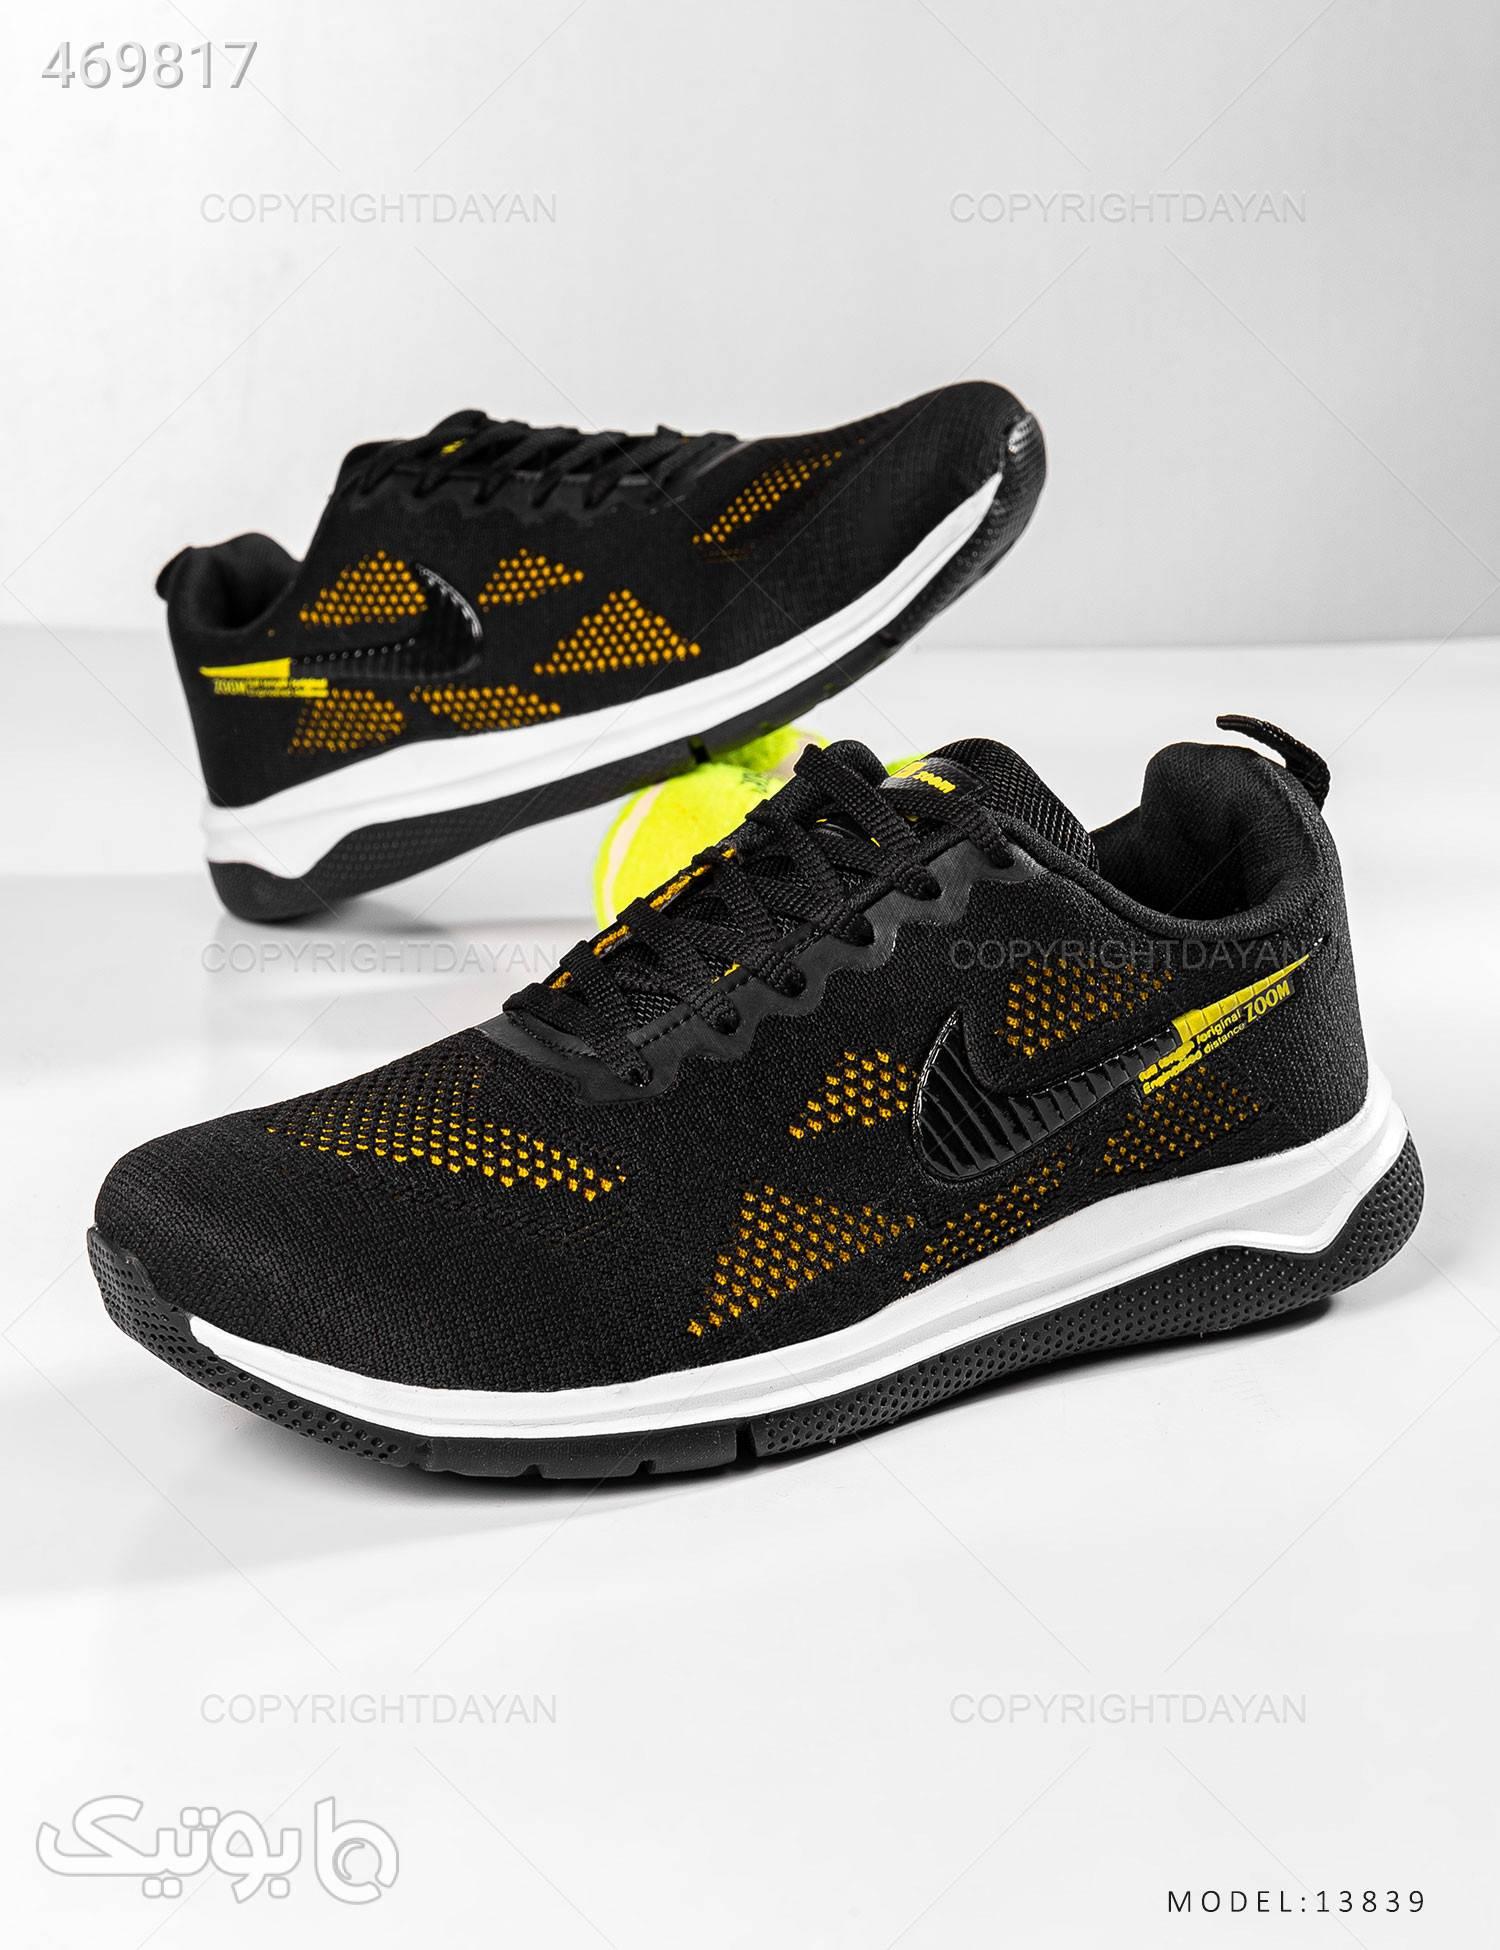 کفش ورزشی مردانه Nike مدل 13839 مشکی كتانی مردانه